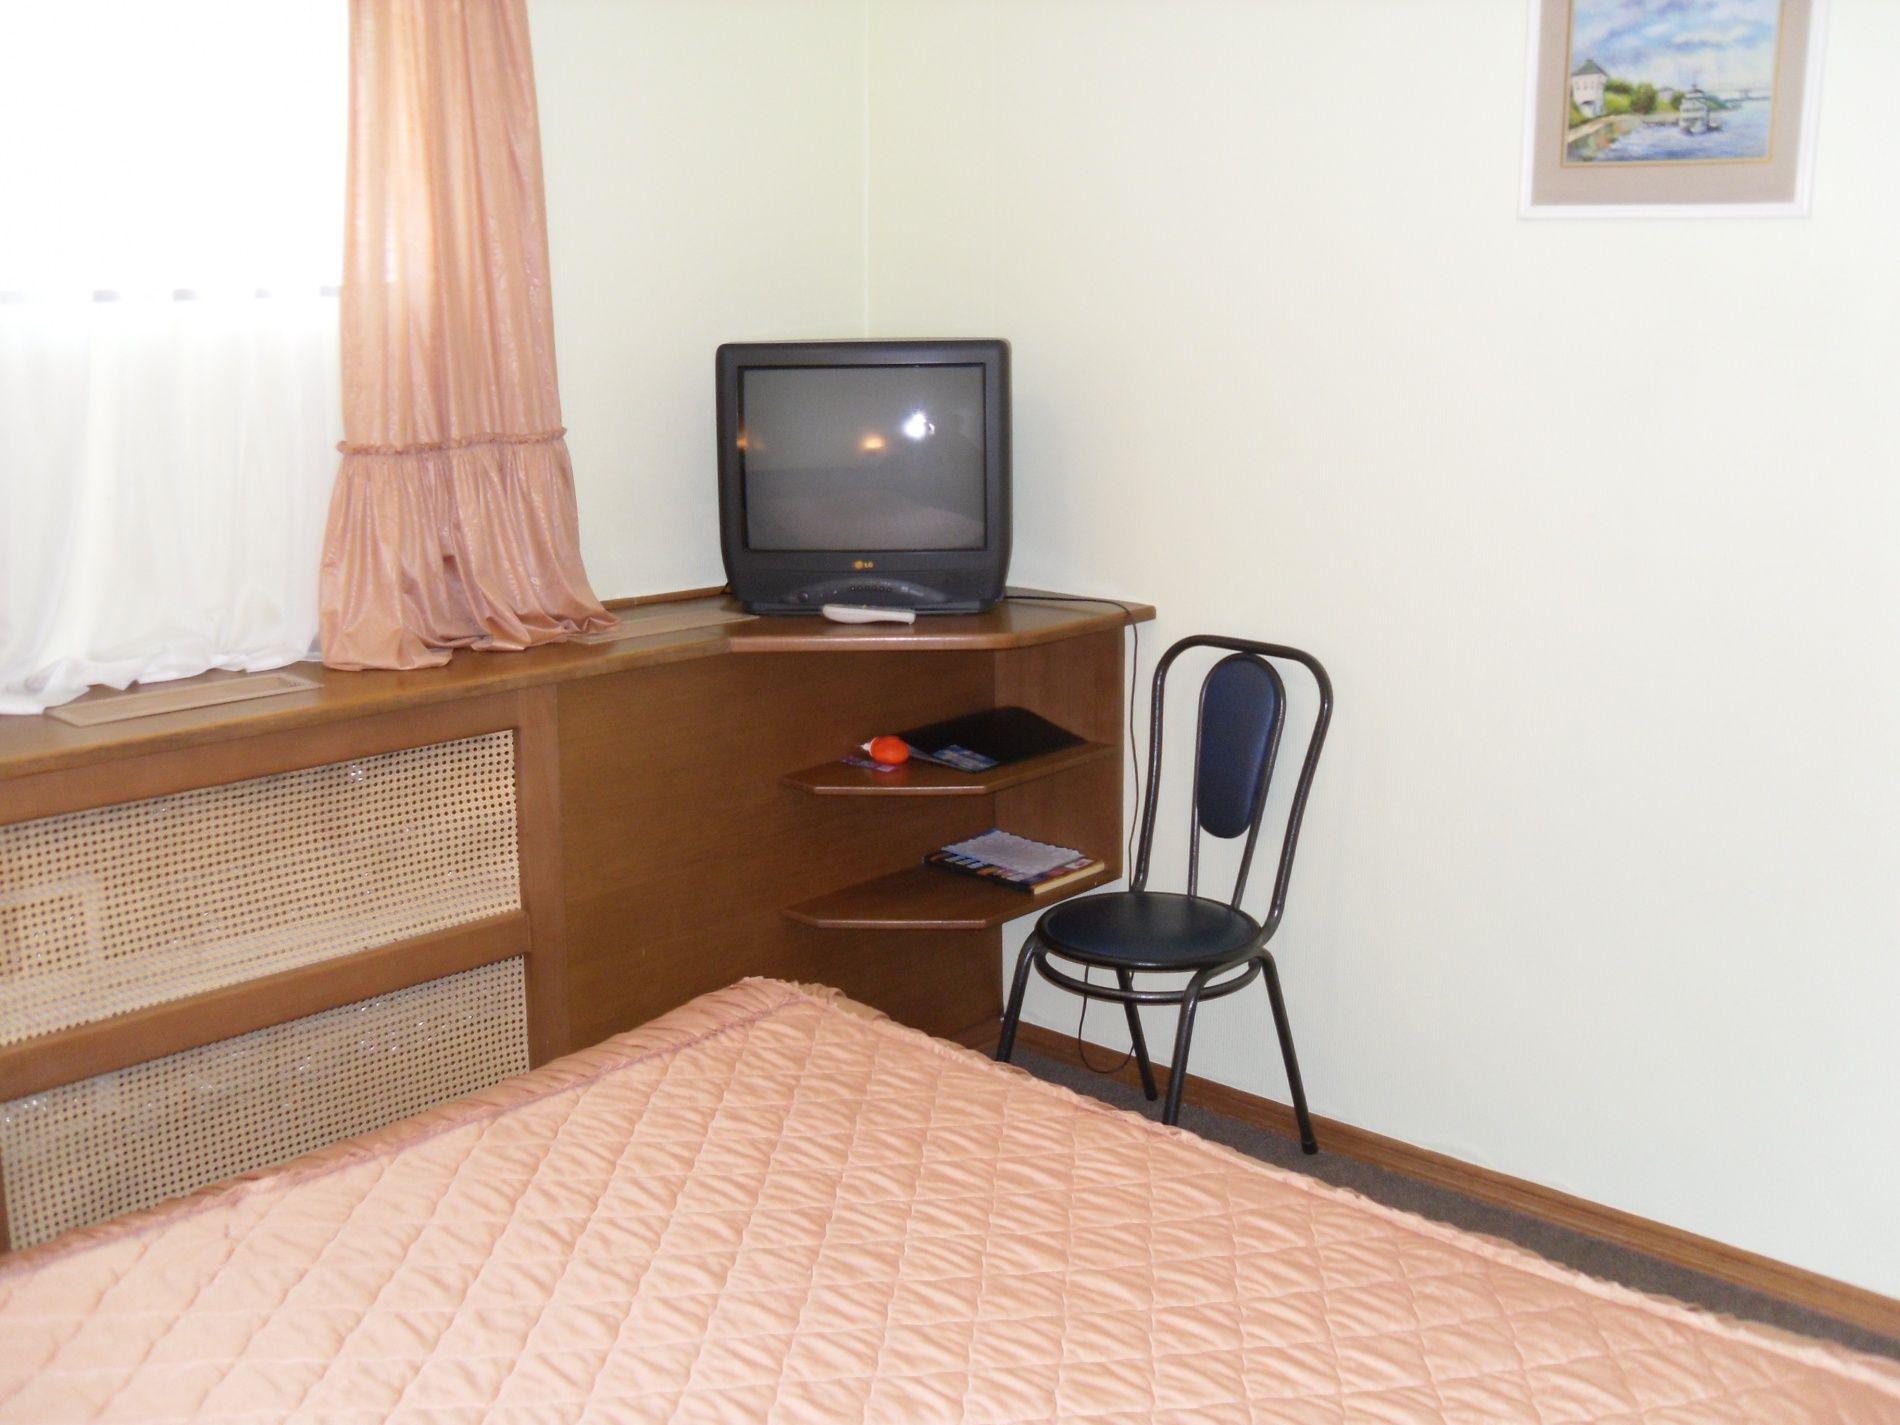 Туристический комплекс «Мирная Пристань» Ивановская область 2-комнатный номер 1 категории (№ 8, 9), фото 2